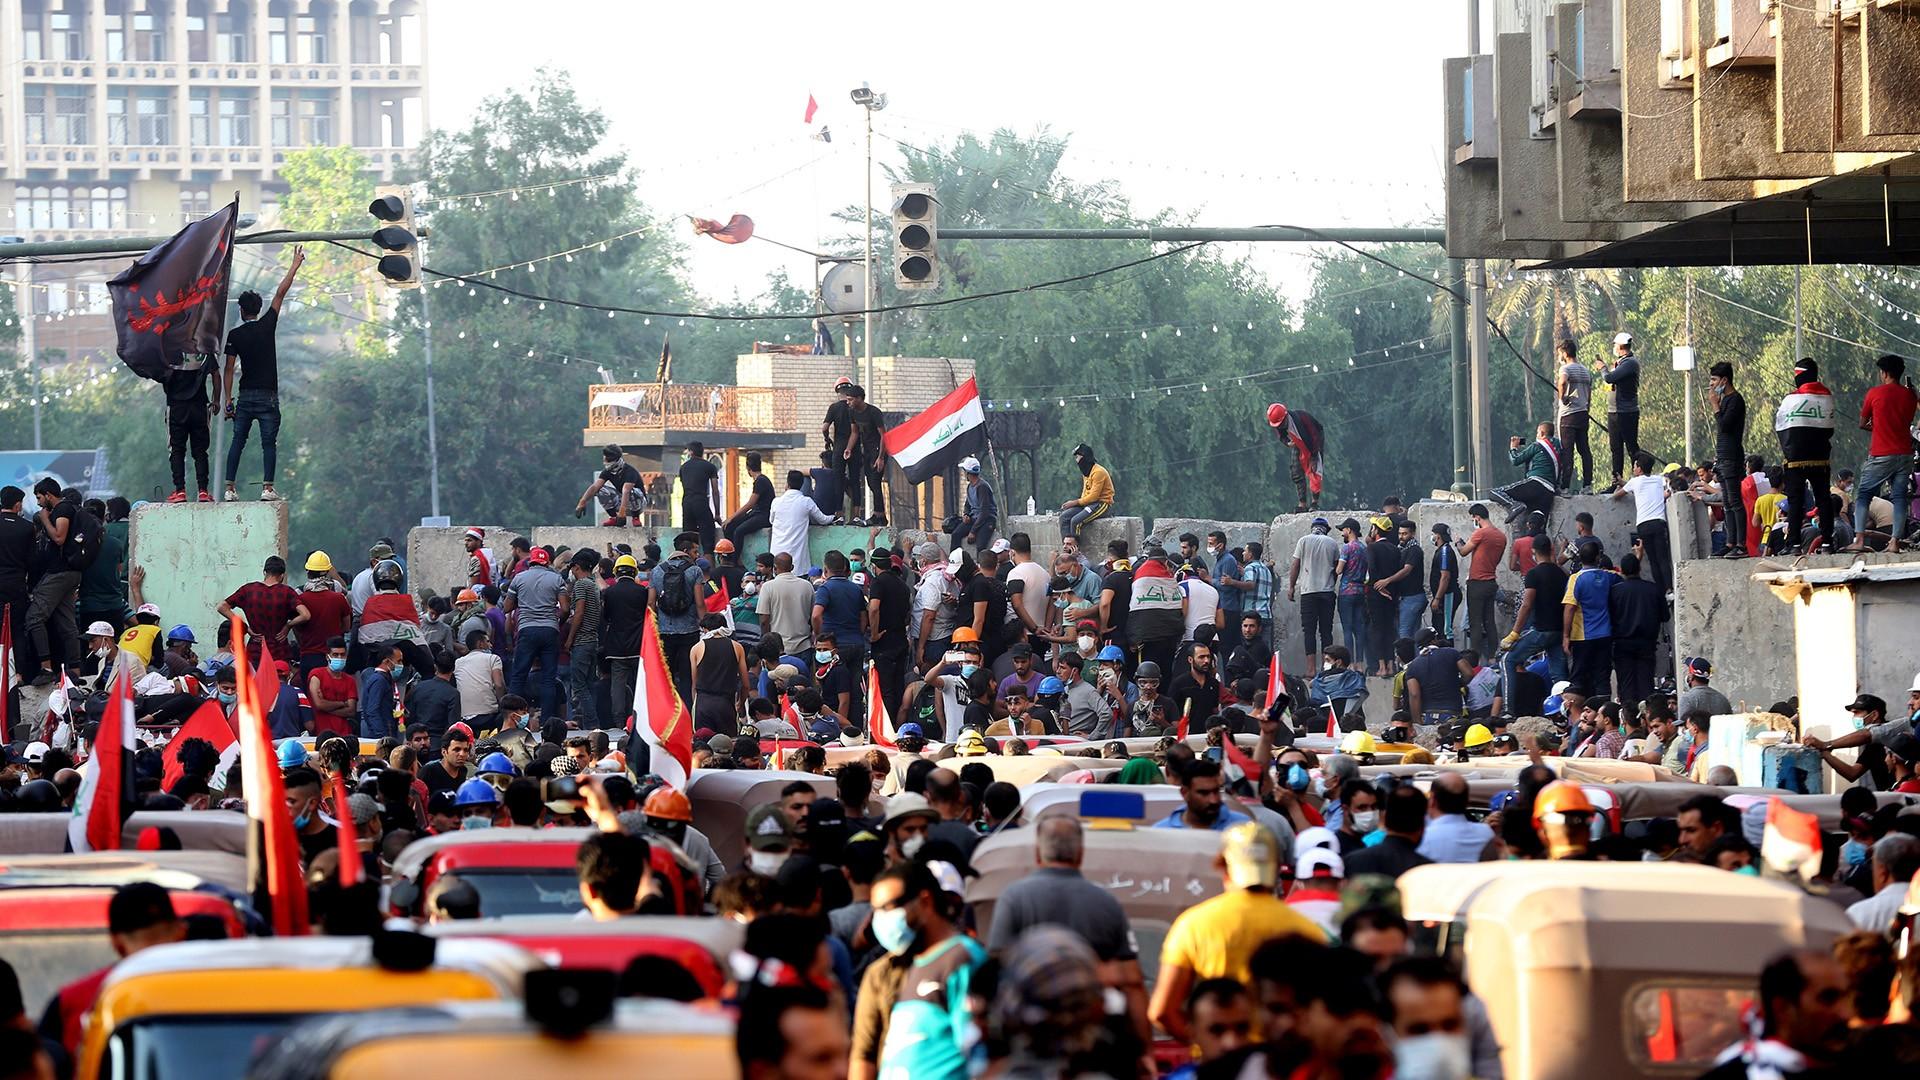 العراق .. مظاهرات مستمرة